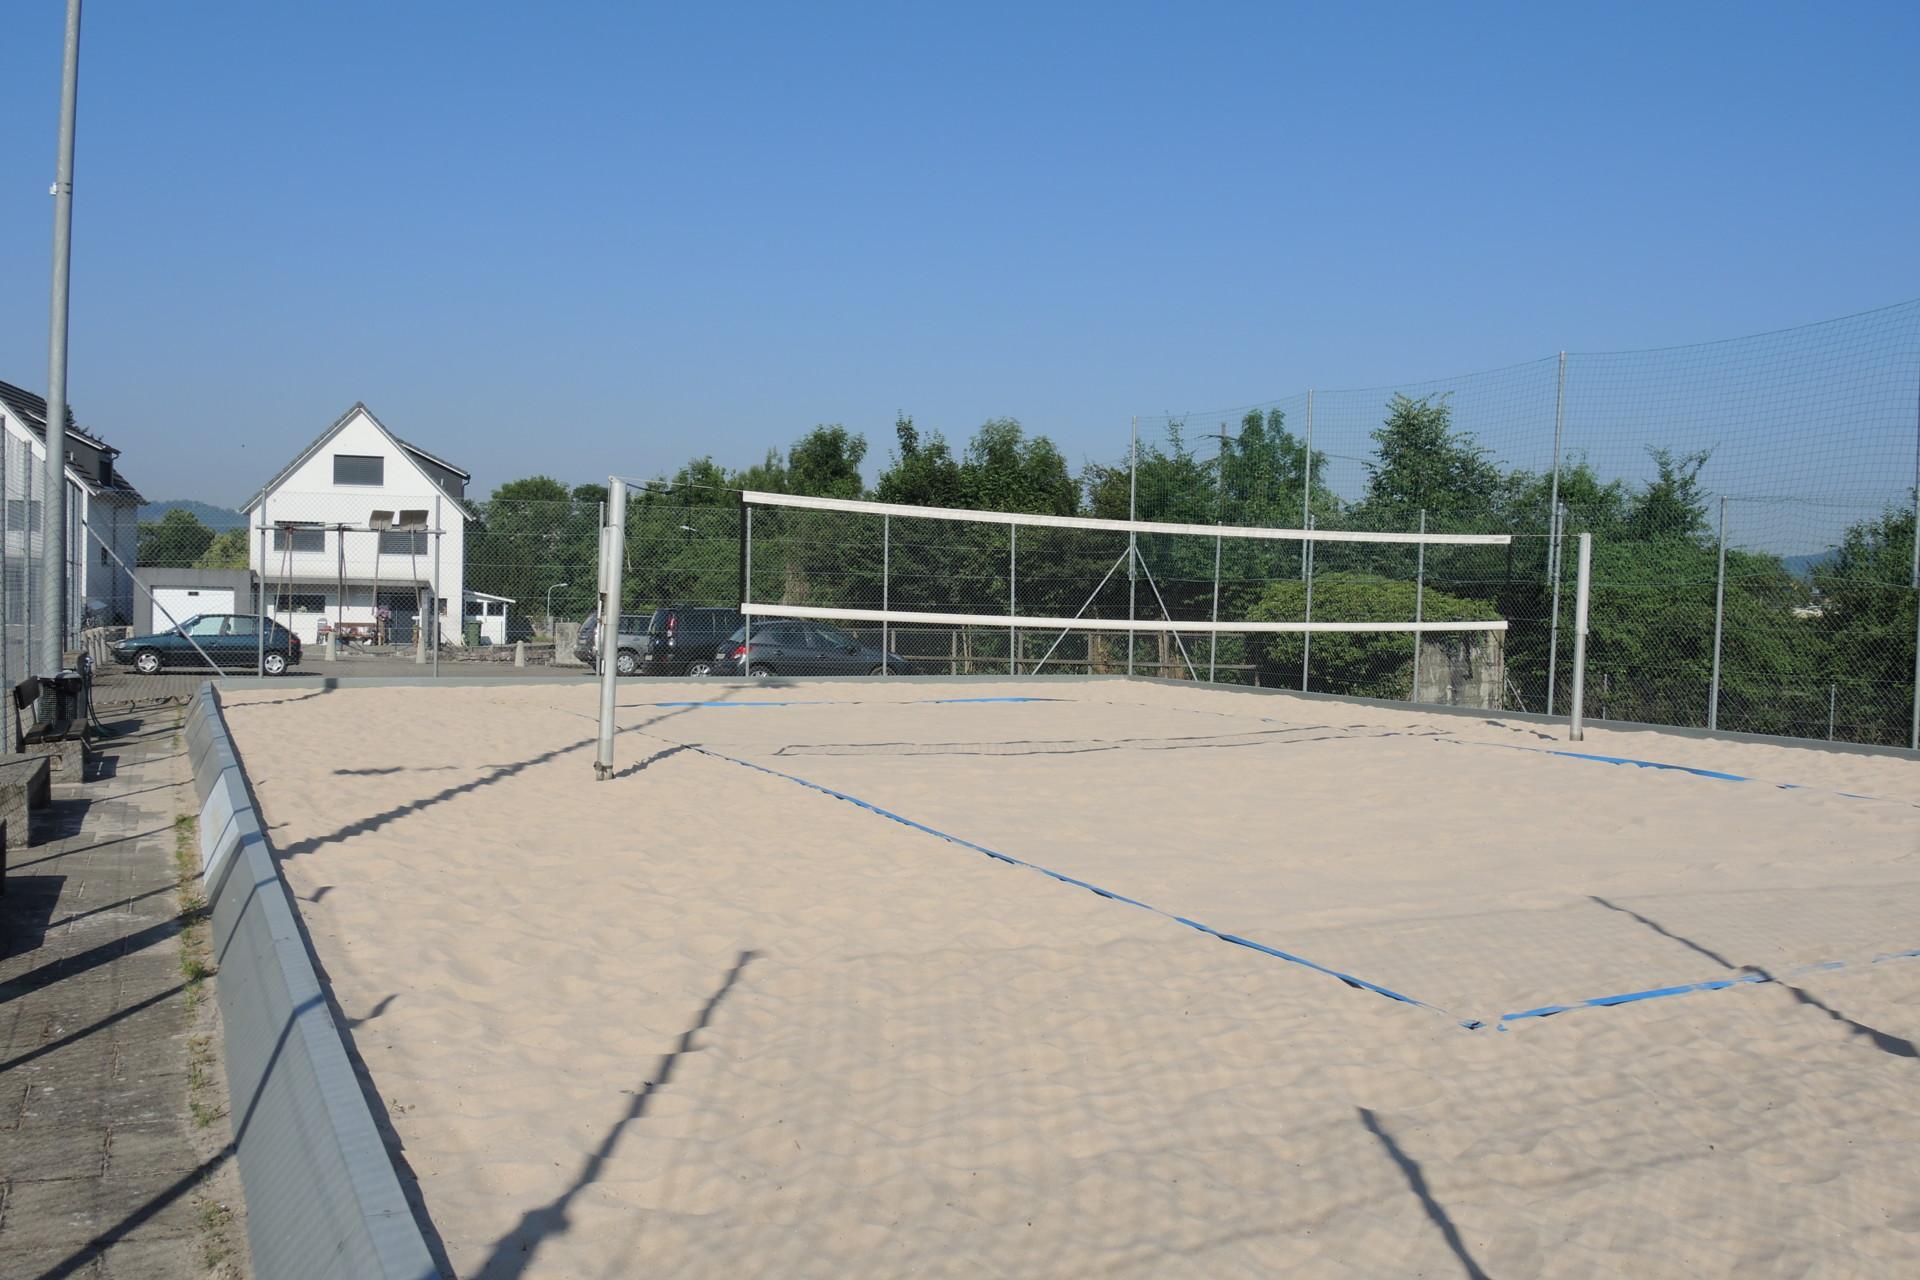 Beachvolleyball-Anlage Augst